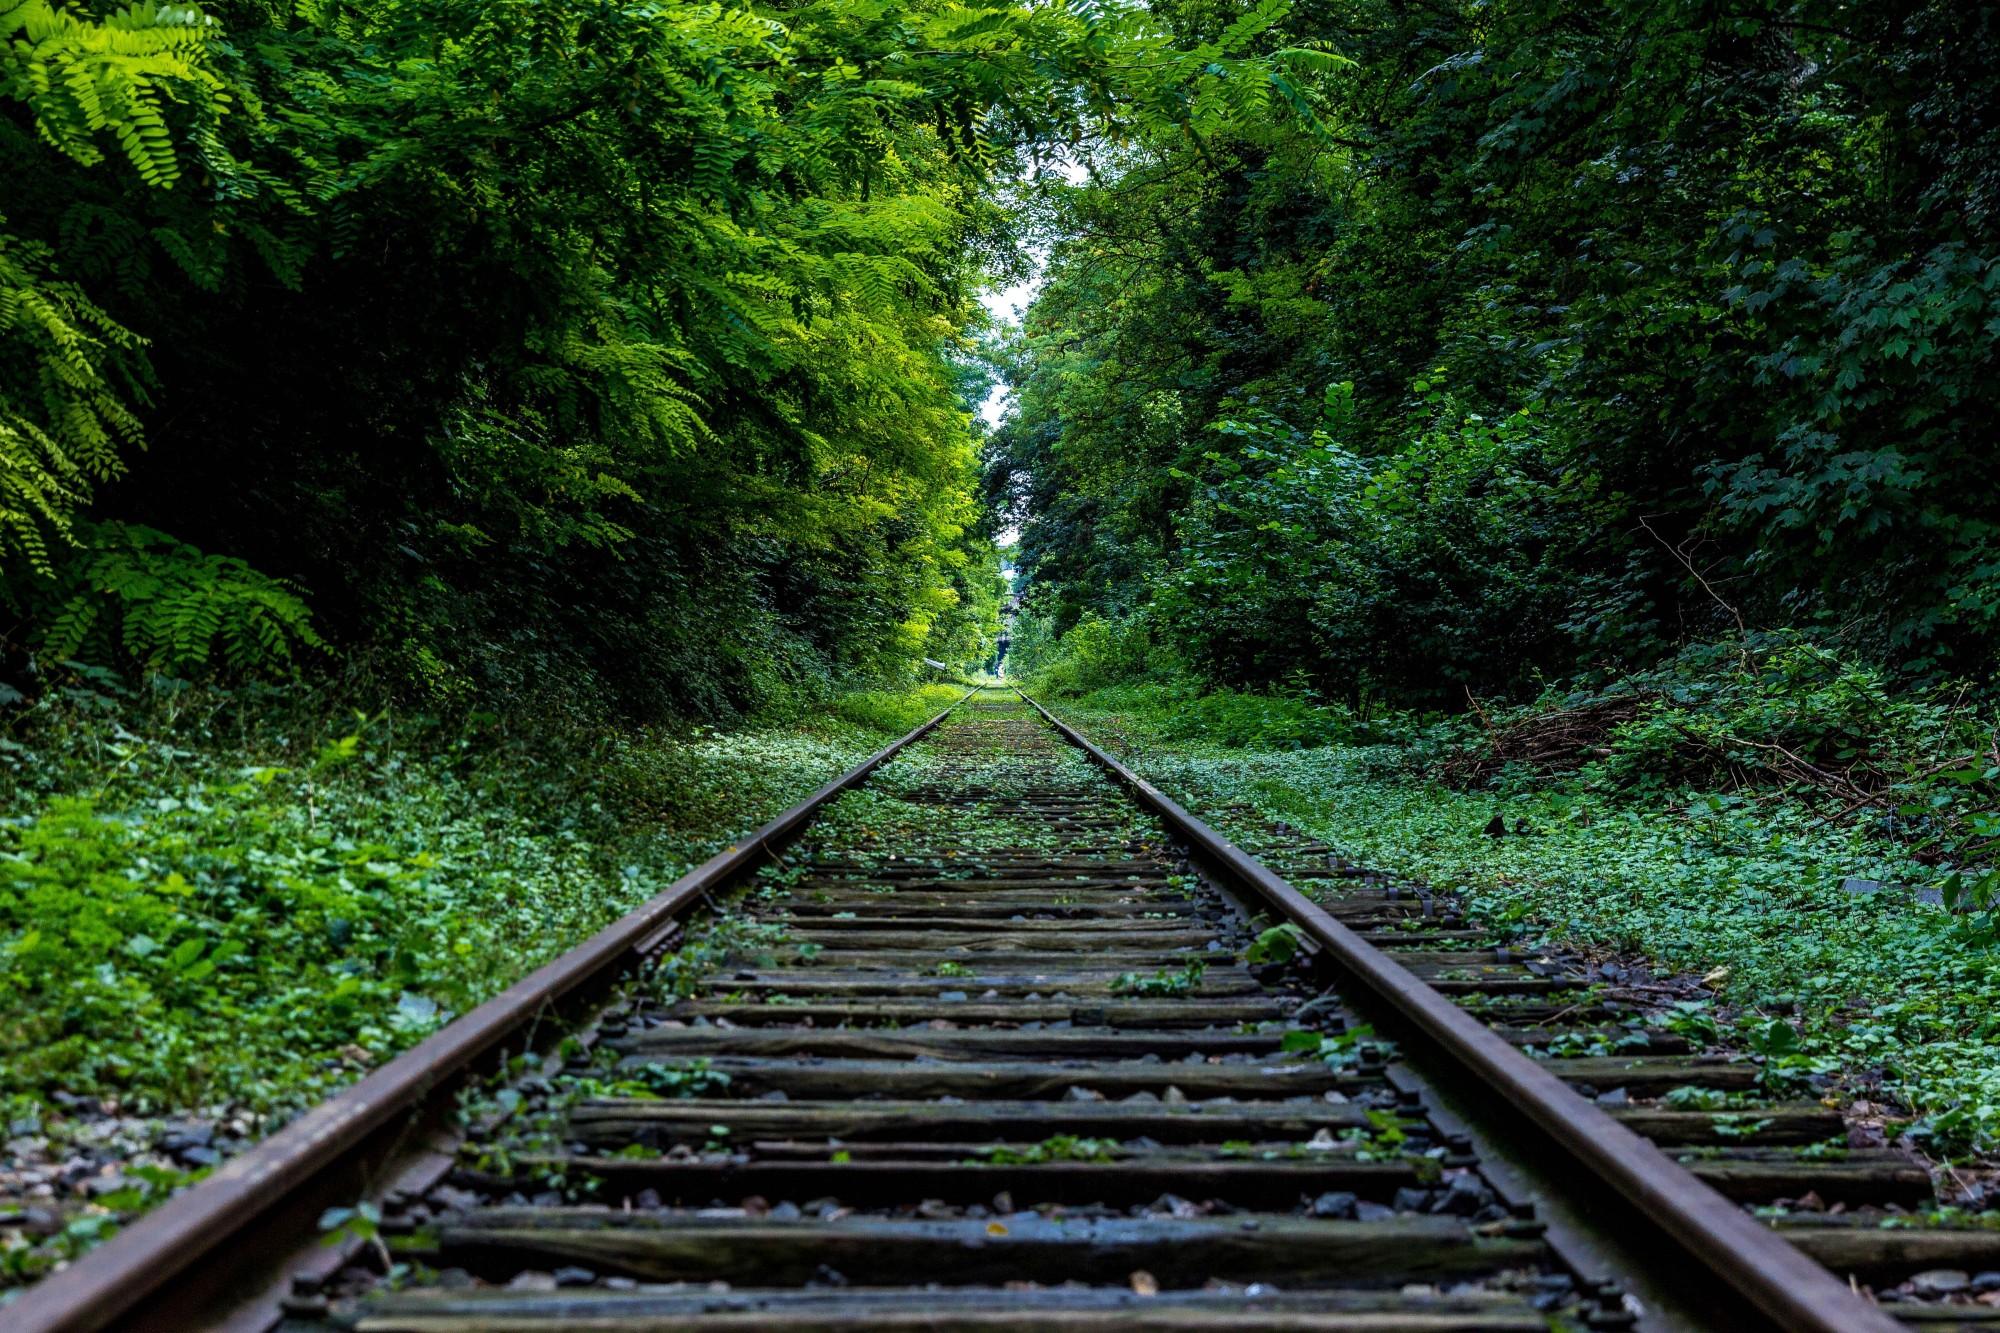 Railroad Pics, Artistic Collection